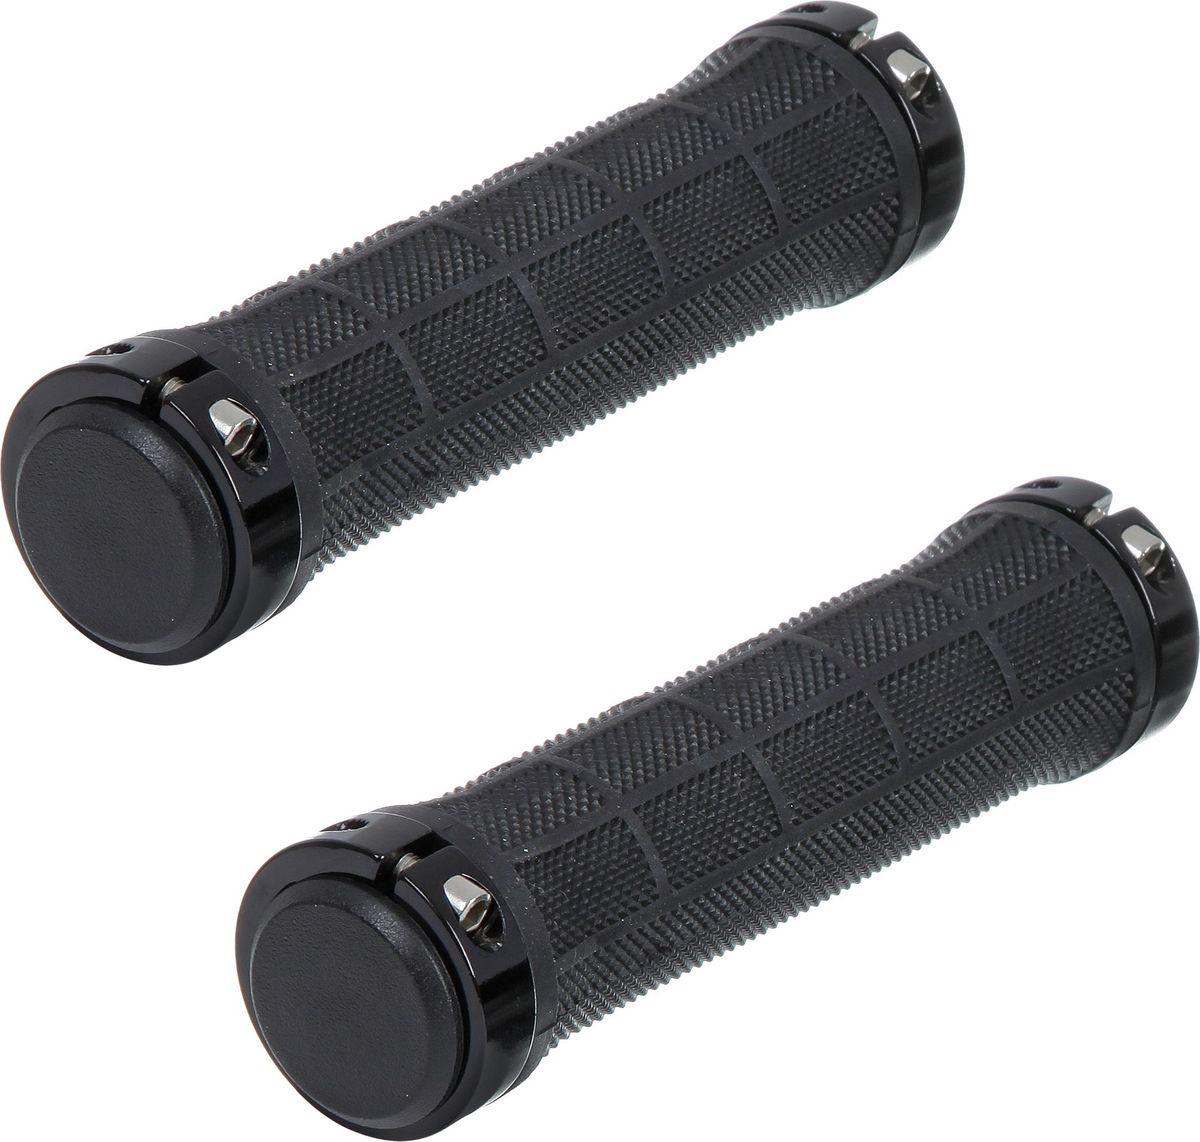 Грипсы STG HL-G309, цвет: черный, 130 ммRivaCase 8460 aquamarineГрипсы предназначены для увеличения сцепления рук с рулём. Длина 130 мм.